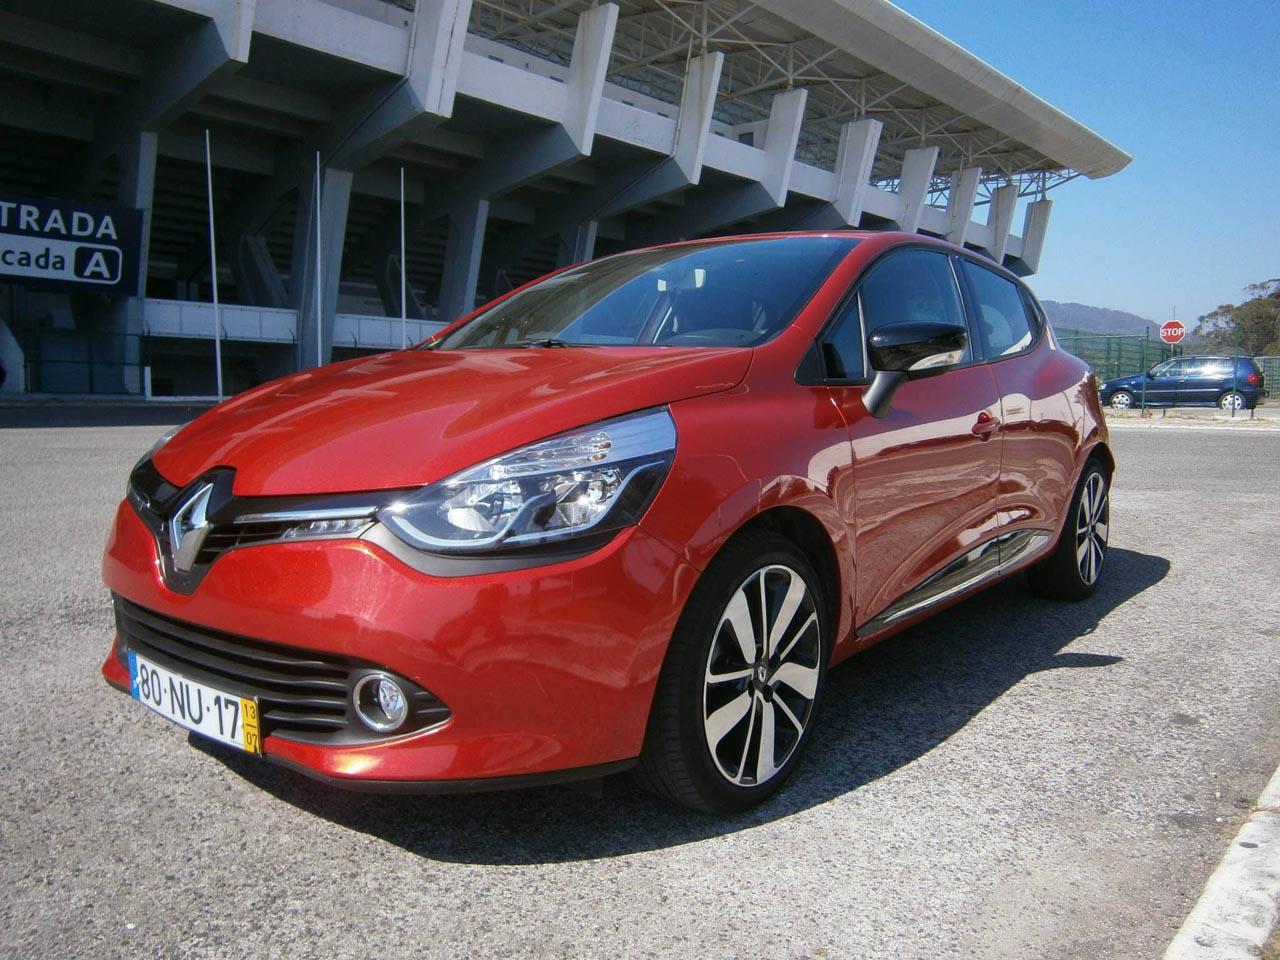 Ensaio: Renault Clio 1.5dci